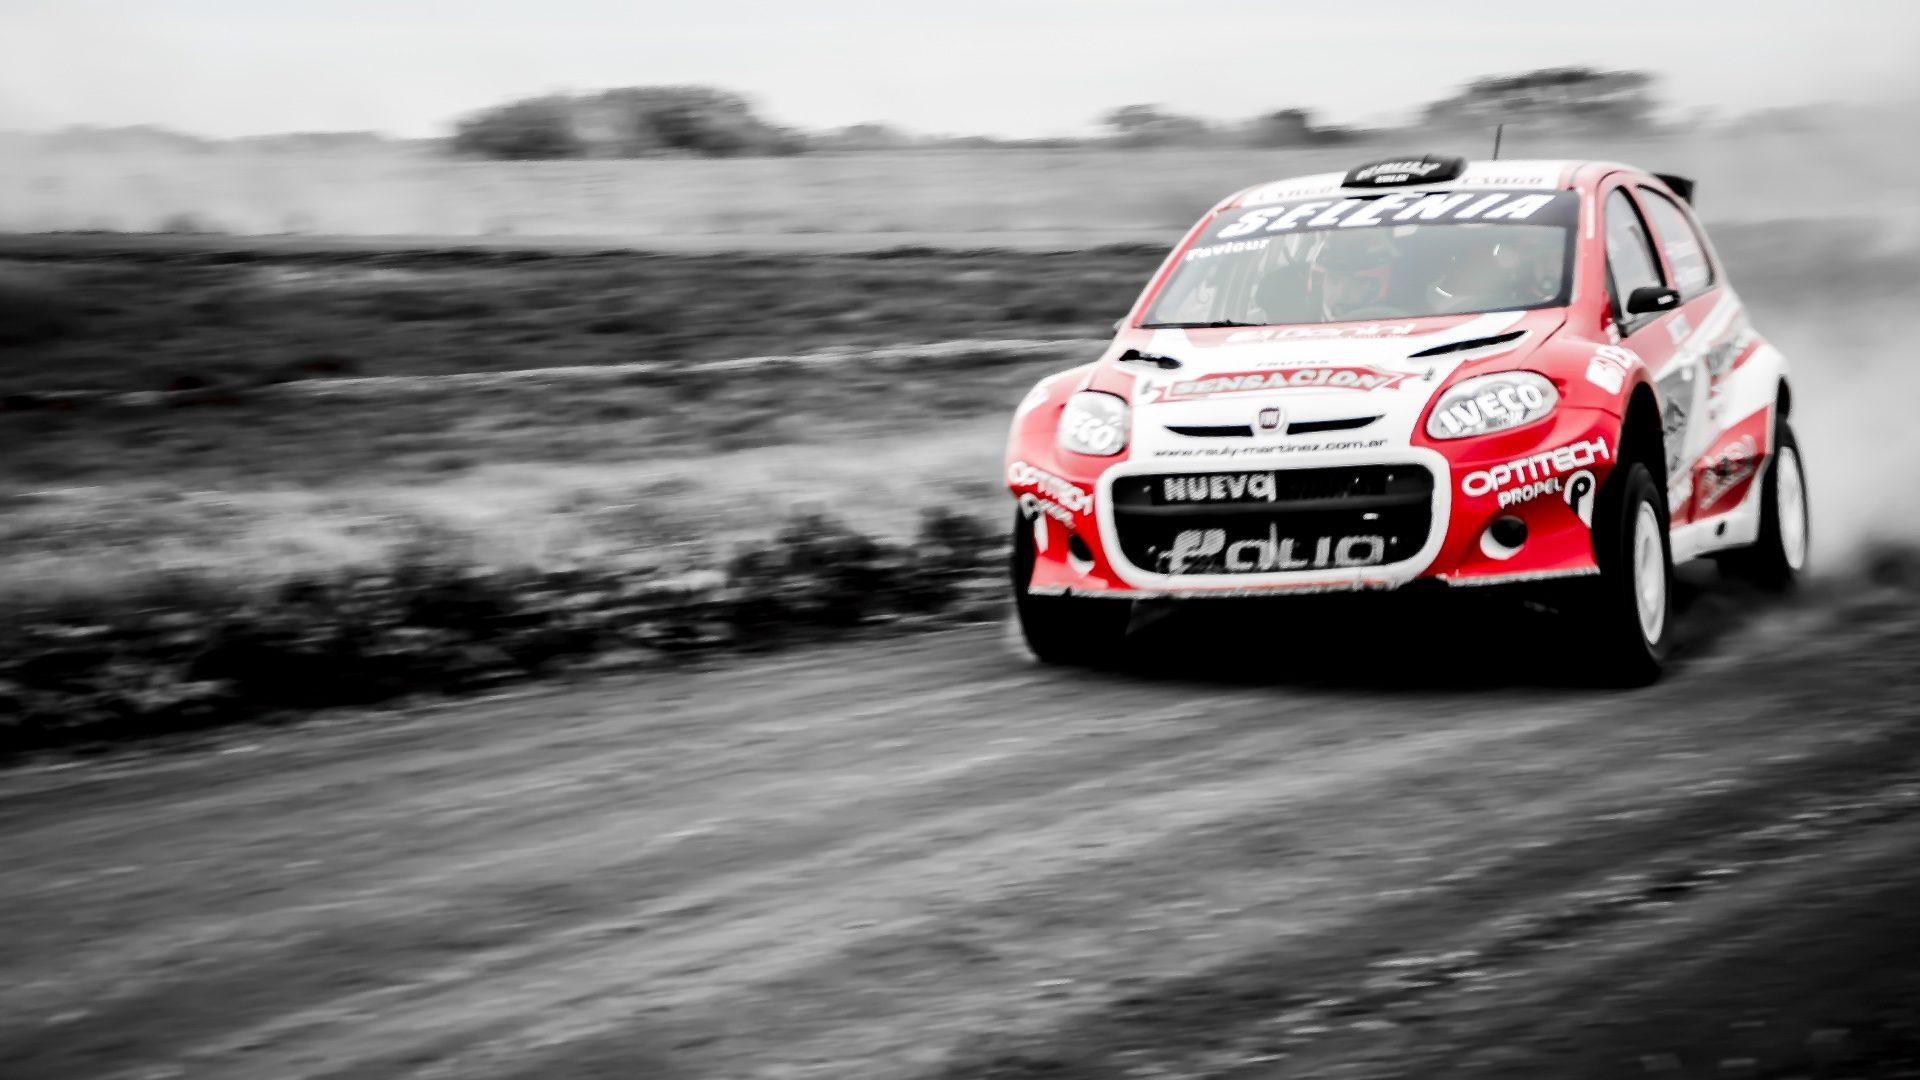 voiture, sport, concours, Rallye, carrière, dérive - Fonds d'écran HD - Professor-falken.com